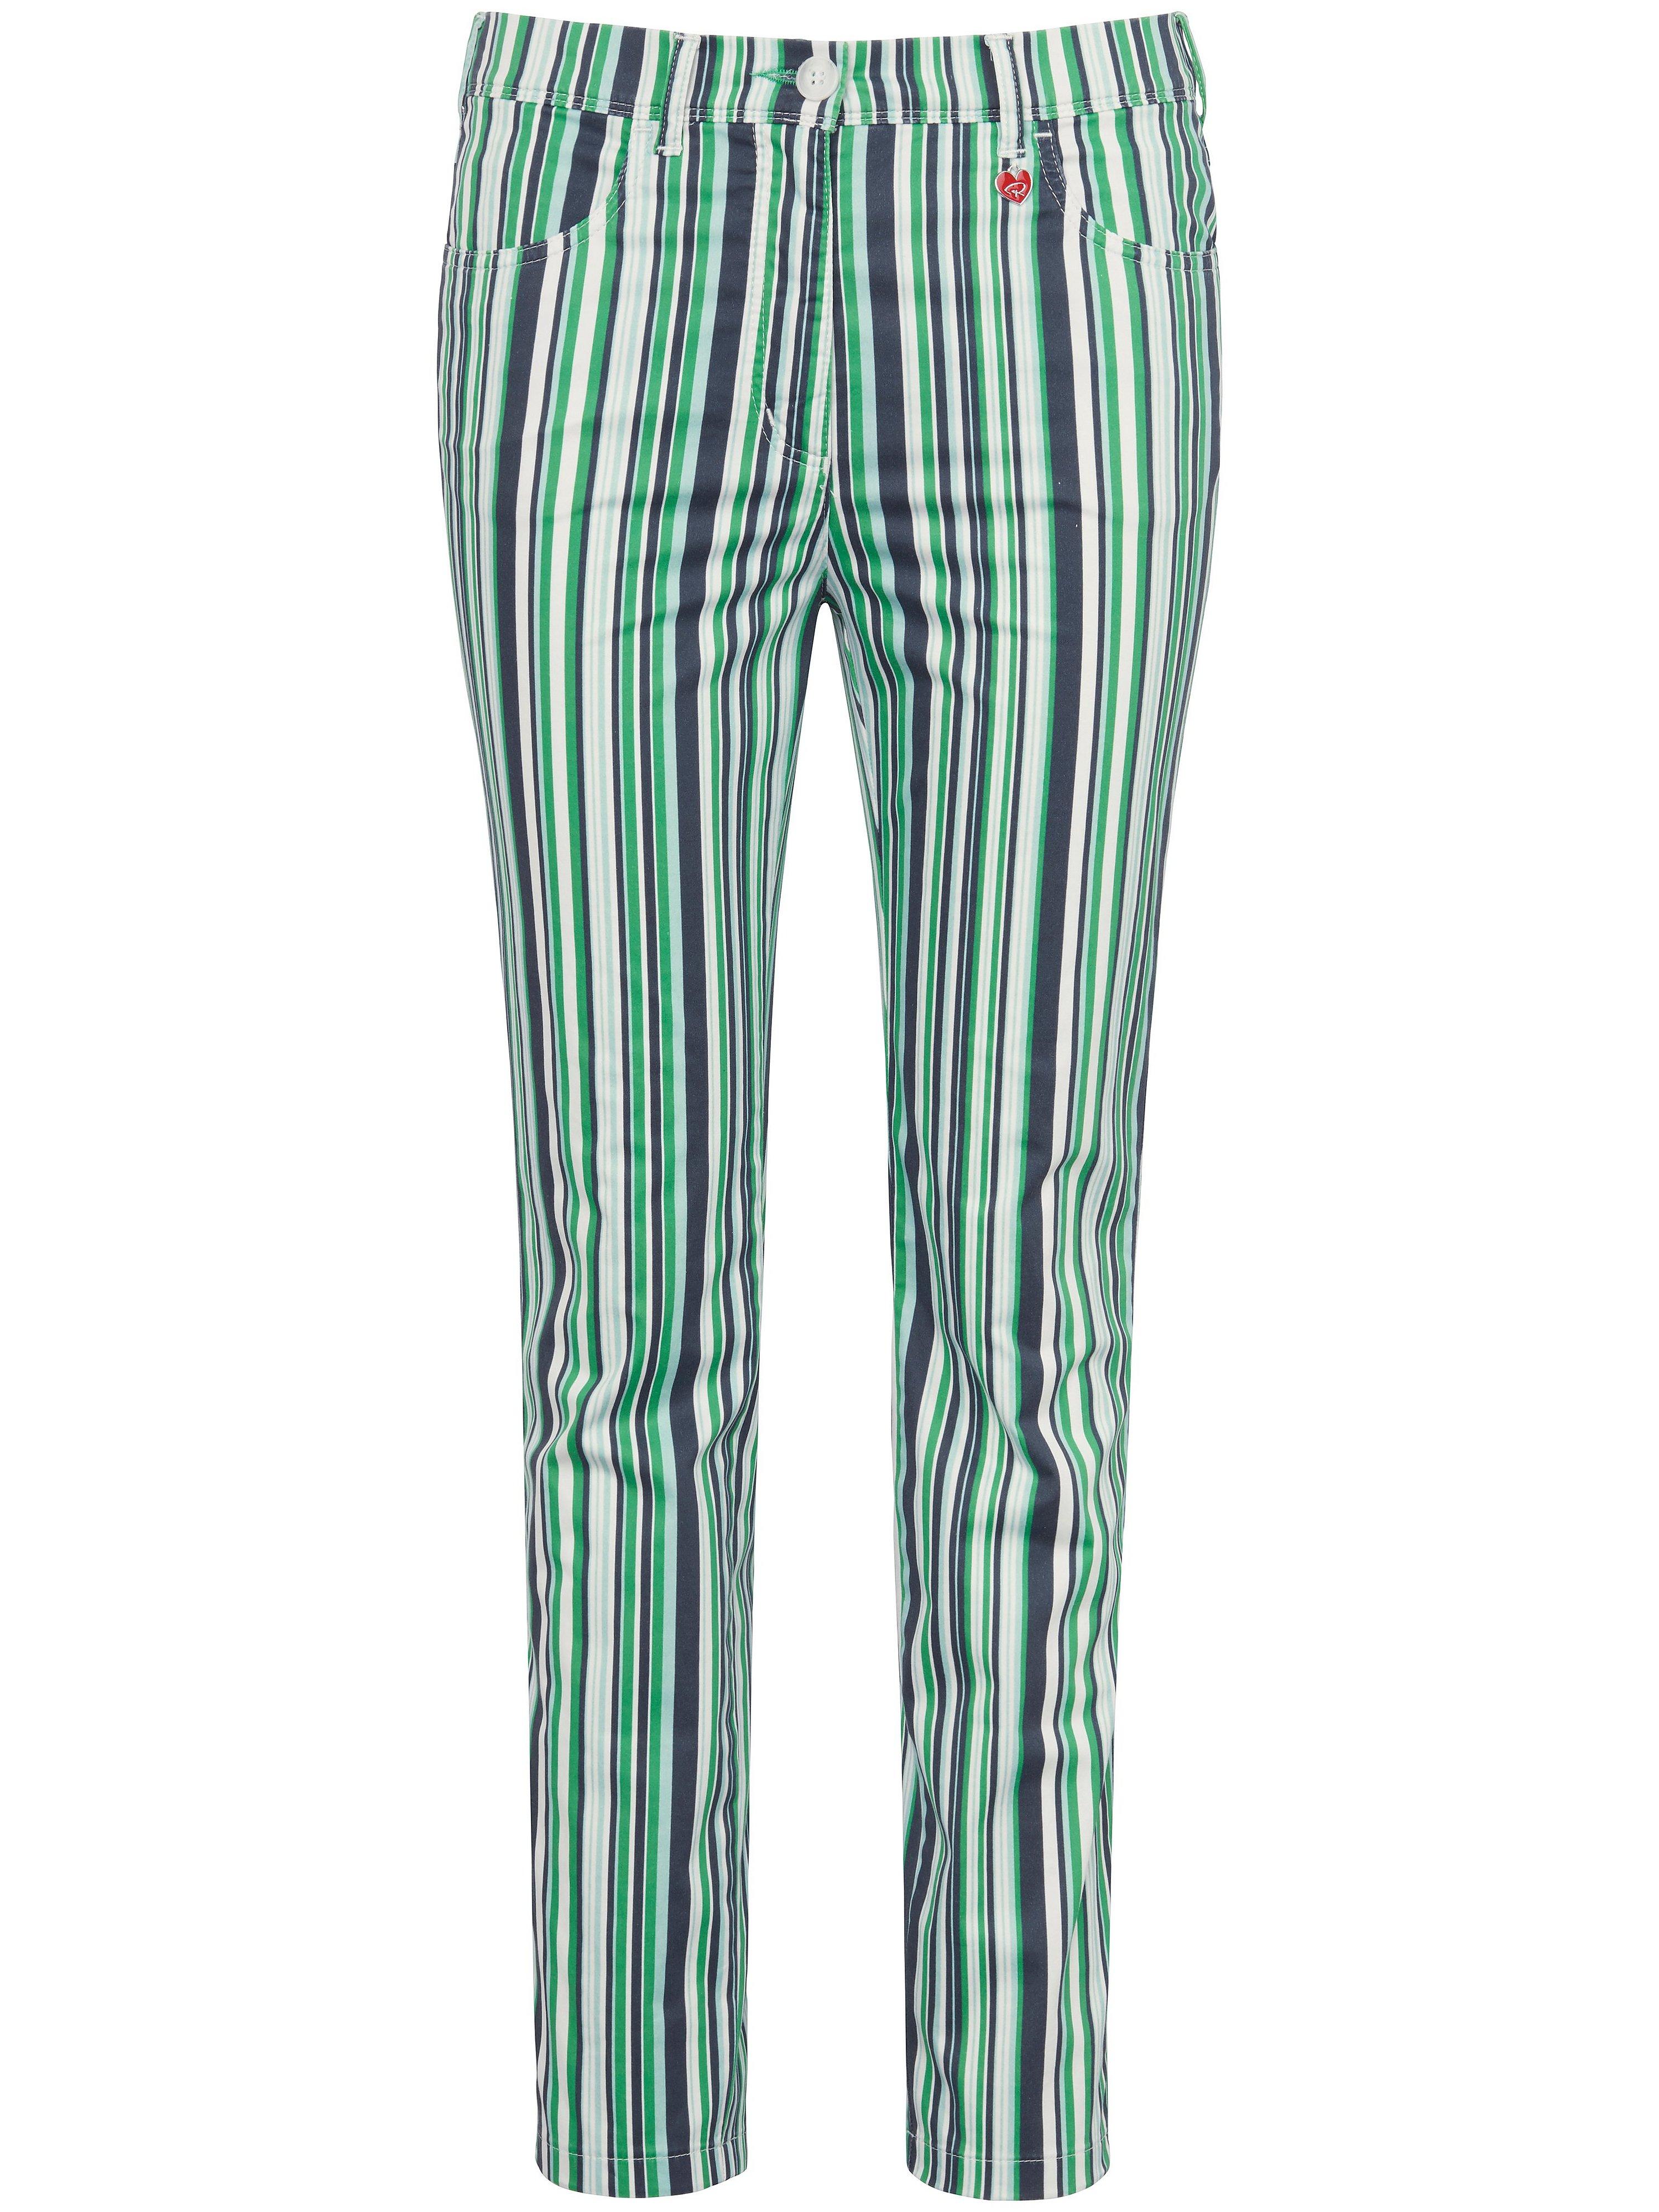 Le pantalon longueur chevilles coton stretch  Relaxed by Toni vert taille 52